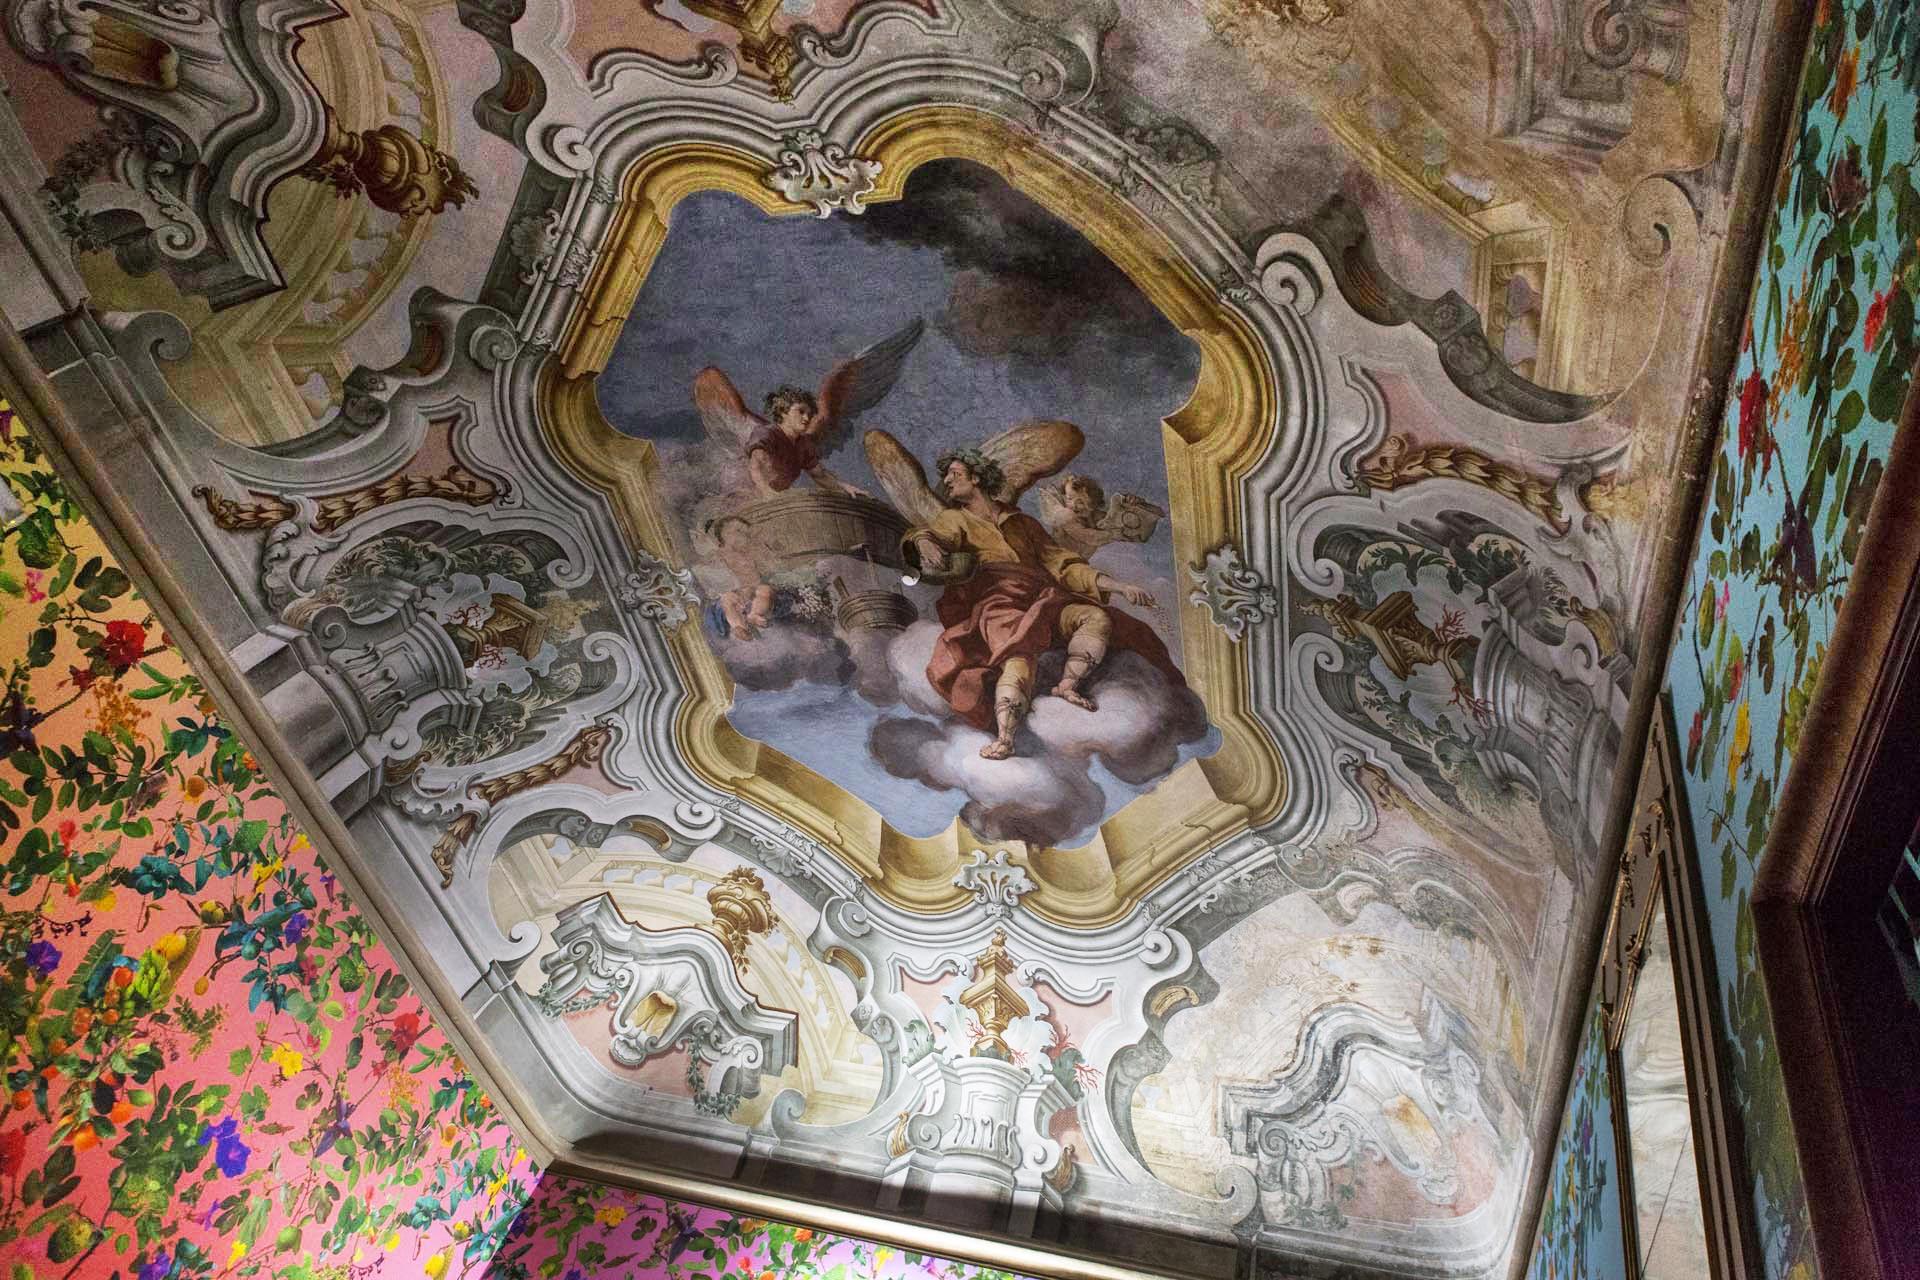 'Theatre of the Sun' (2018) ist eine Installation aus Tapeten und der Public Fruit Map von Palermo, die auf die Lage von Hunderten von Obstbäumen im öffentlichen und privaten Raum der Stadt hinweist: Bäume, die sehr oft völlig vernachlässigt und ignoriert werden. Die von der Manifesta 12 in Auftrag gegebene Installation befindet sich im Palazzo Butera und ist Teil des Bereichs Garden Of Flows des Giardino Planetario. Koexistenz kultivieren (Garden Of Flows de Il Giardino Planetario. Coltivare la Coesistenza.)